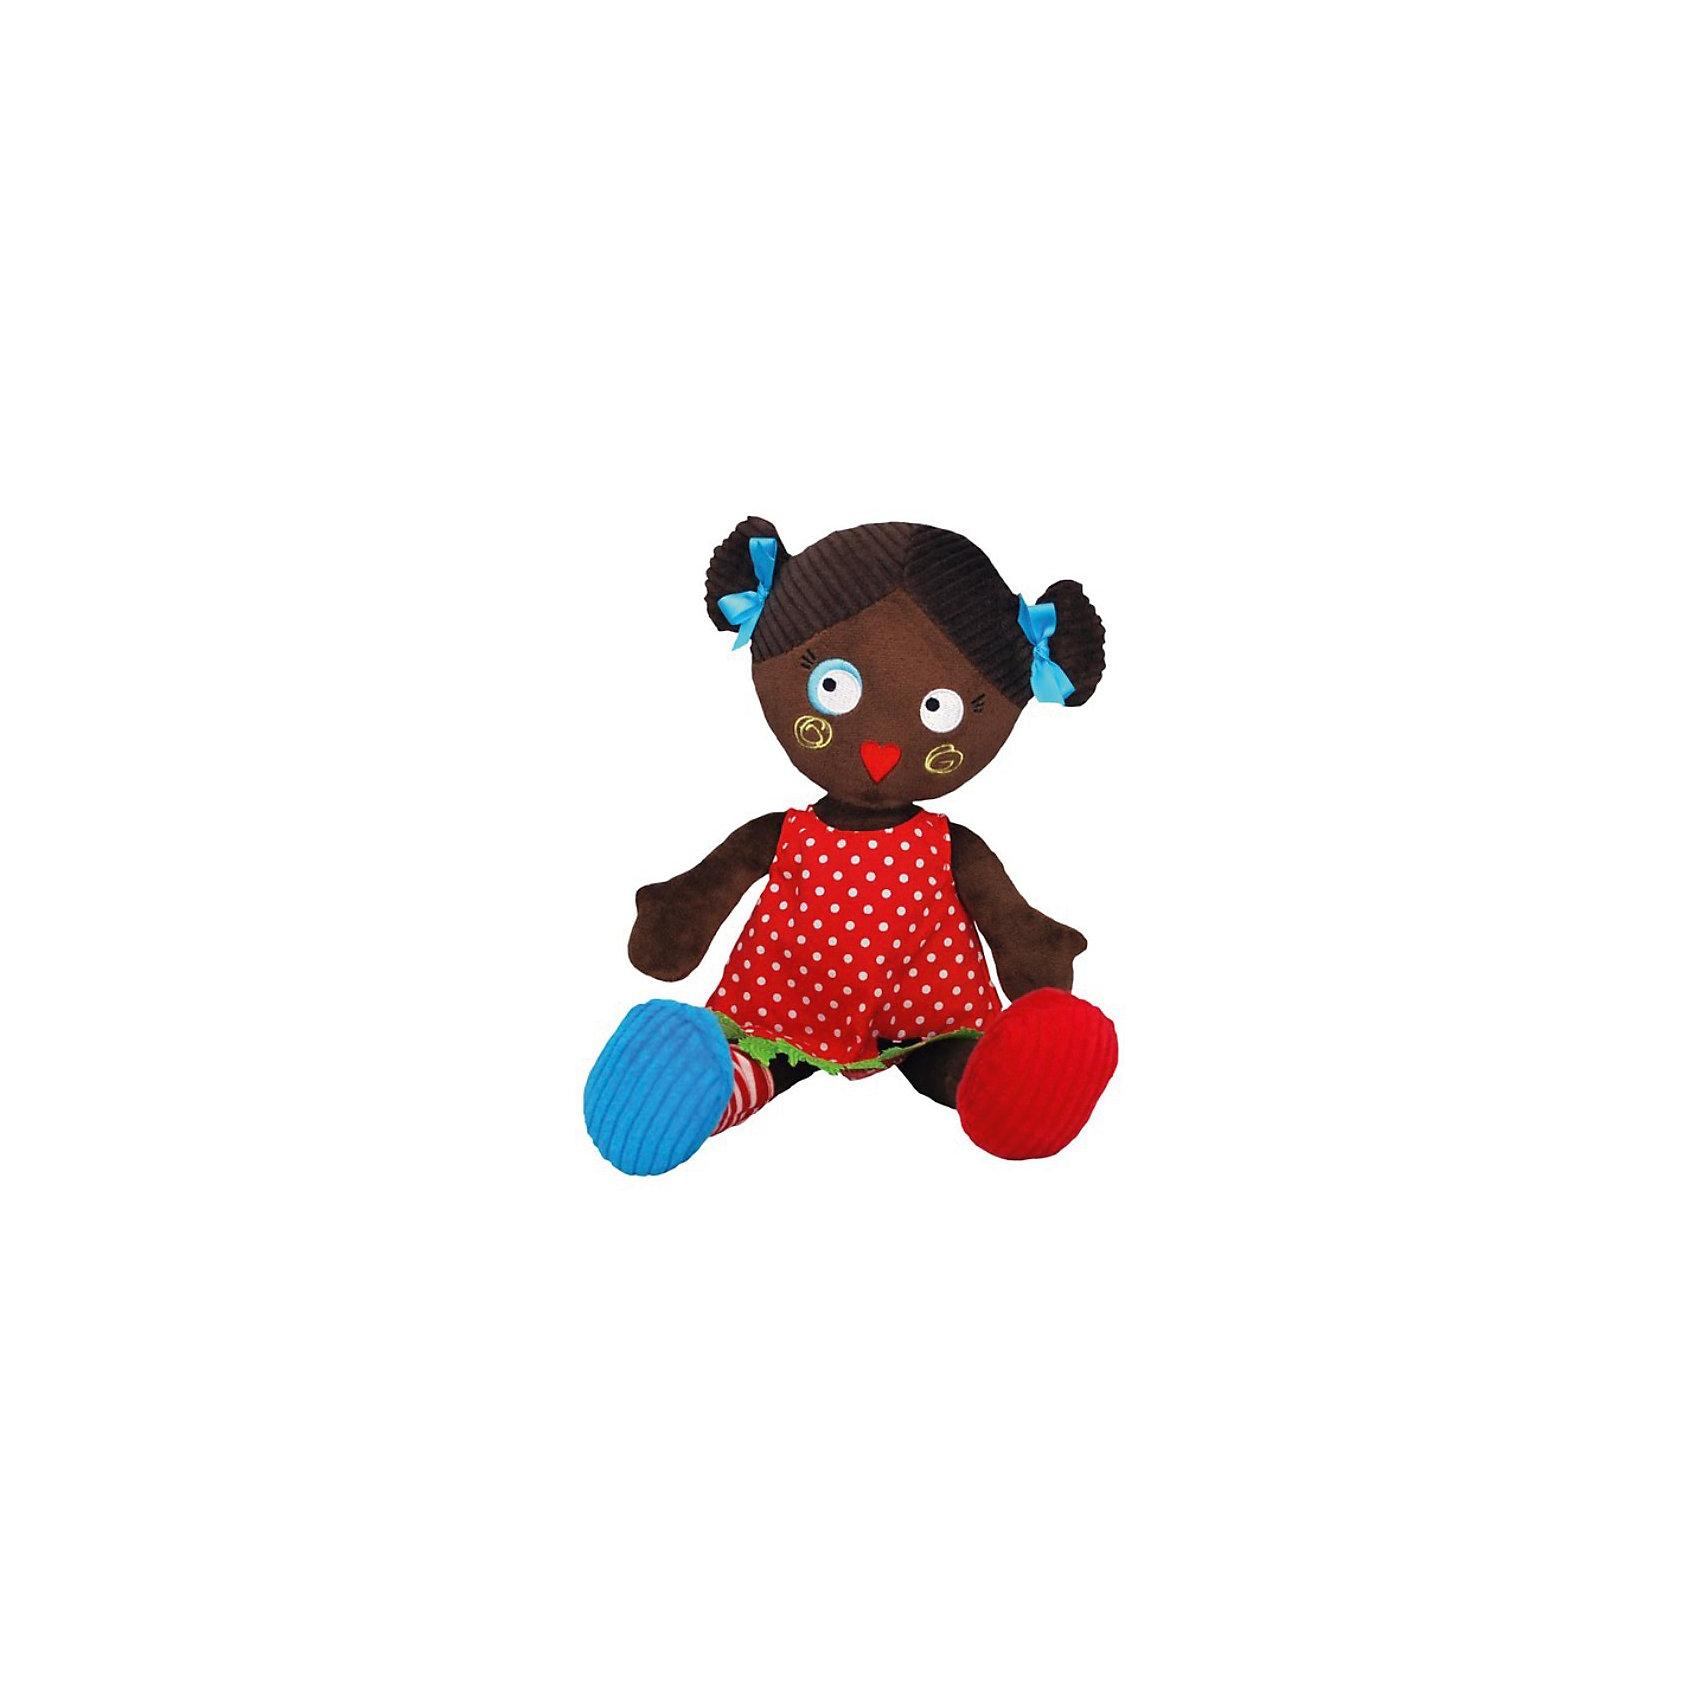 Кукла Mistinguette Paulette, DeglingosМягкая дизайнерская кукла Paulette (Полетт) Deglingos с элементами ручной вышивки сразу покорит сердце вашей малышки!  Полетт располагает к себе, вызывает улыбку и радость, с ней хочется играть снова и снова.  Чернокожая Полетт покорит Вас своим  экстравагантным и необычным видом. Полетт настоящая парижанка, у нее свой неповторимый стиль. <br>Игрушка порадует ее обладателя ручной работой, высоким уровнем исполнения и достойным выбором первоклассных материалов, взятых для ее изготовления.<br>Мягкой необычной кукле будет рад и ребенок, у которого появится новая подружка, и взрослый, который порадуется оригинальному подарку.<br><br>Дополнительная информация:<br><br>- Все детали куклы вышиты вручную.<br>- Материалы: велюр, вельвет, ситец, драп, мешковина.<br>- Наполнитель: полиэстер<br>- Высота куклы: 34 см.<br>- Упакована в яркую подарочную коробку<br>- Размер упаковки: 10х15х23 см.<br>- Вес: 600 гр.<br><br>Куклу Mistinguette Paulette, Deglingos можно купить в нашем интернет-магазине.<br><br>Ширина мм: 100<br>Глубина мм: 150<br>Высота мм: 230<br>Вес г: 360<br>Возраст от месяцев: 36<br>Возраст до месяцев: 120<br>Пол: Женский<br>Возраст: Детский<br>SKU: 3771805